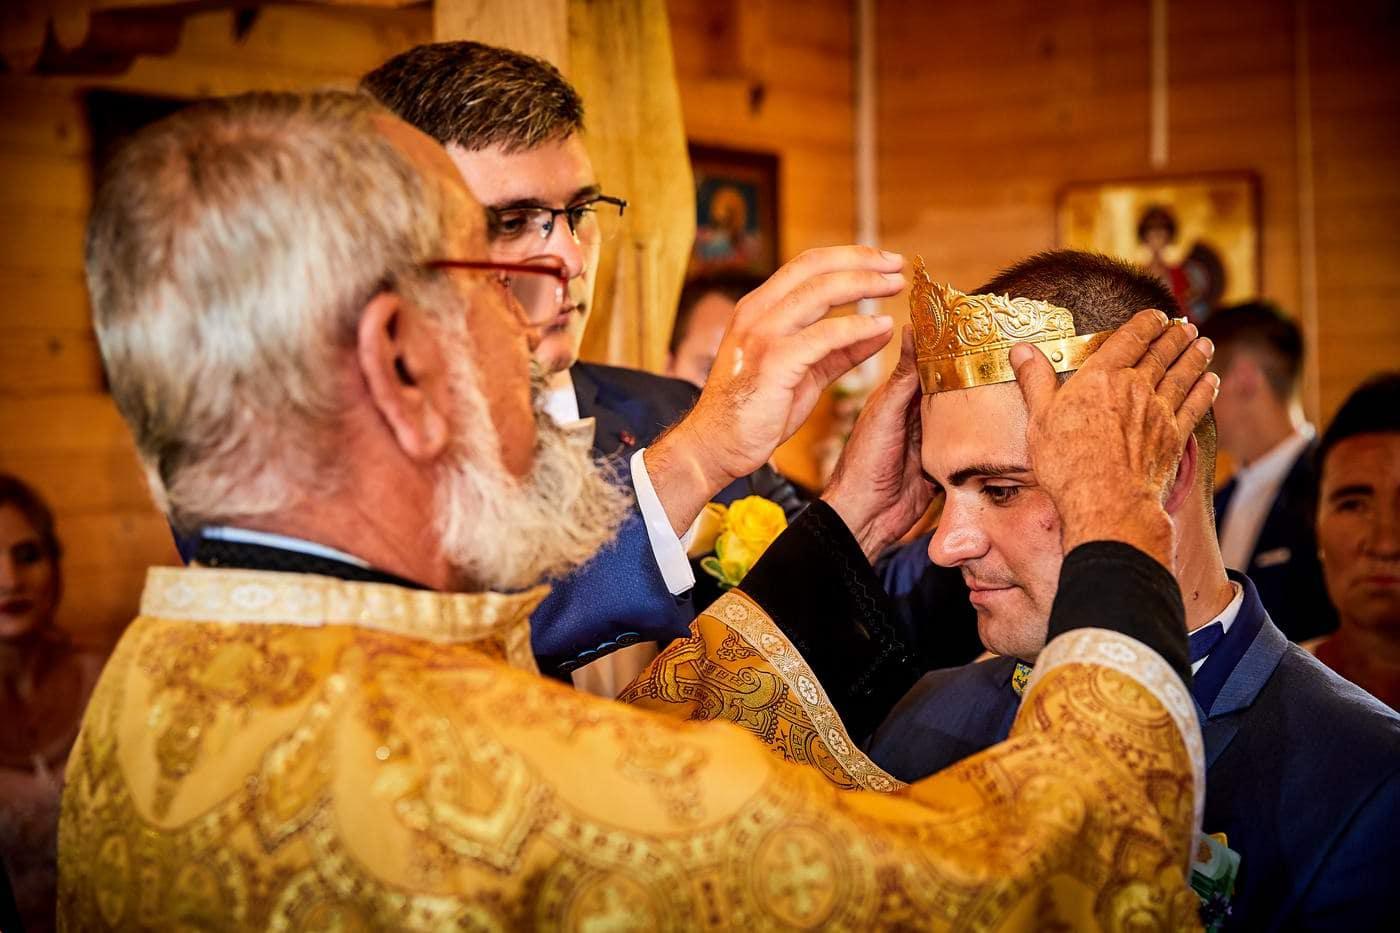 Nunta Moeciu - cununie religioasa